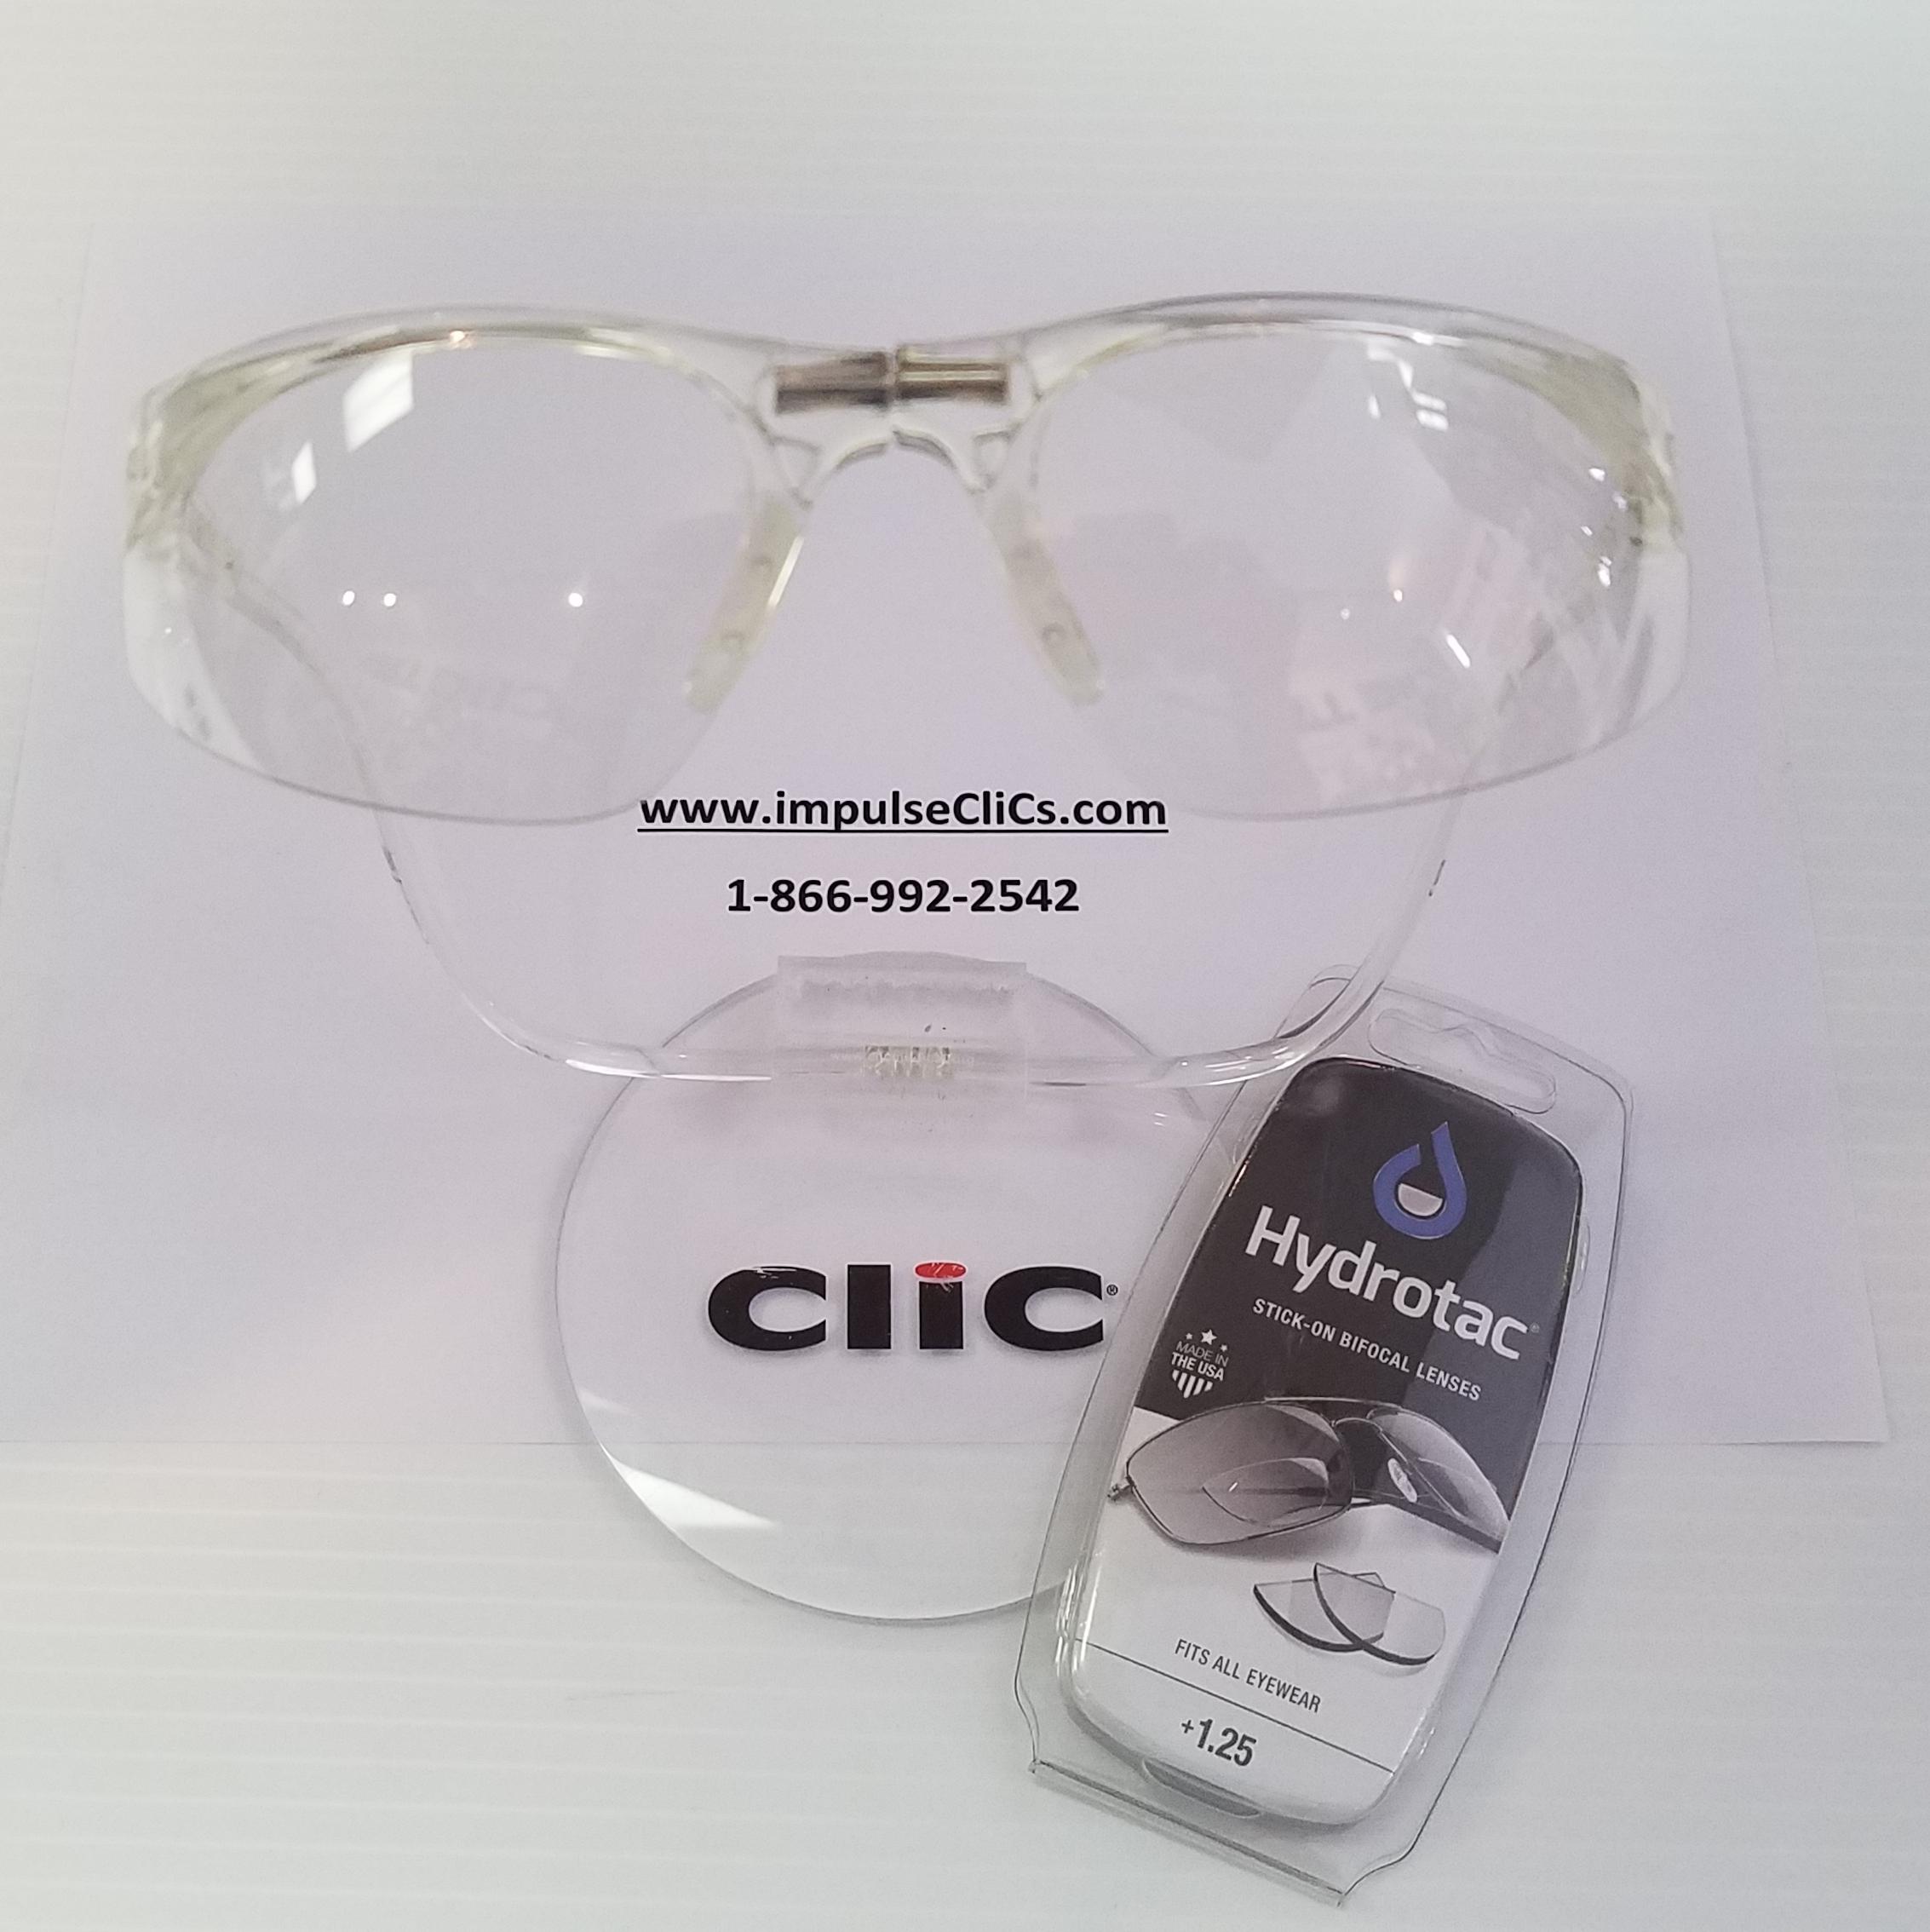 9b8ab7a94f CliC Medical – Impulse Clics